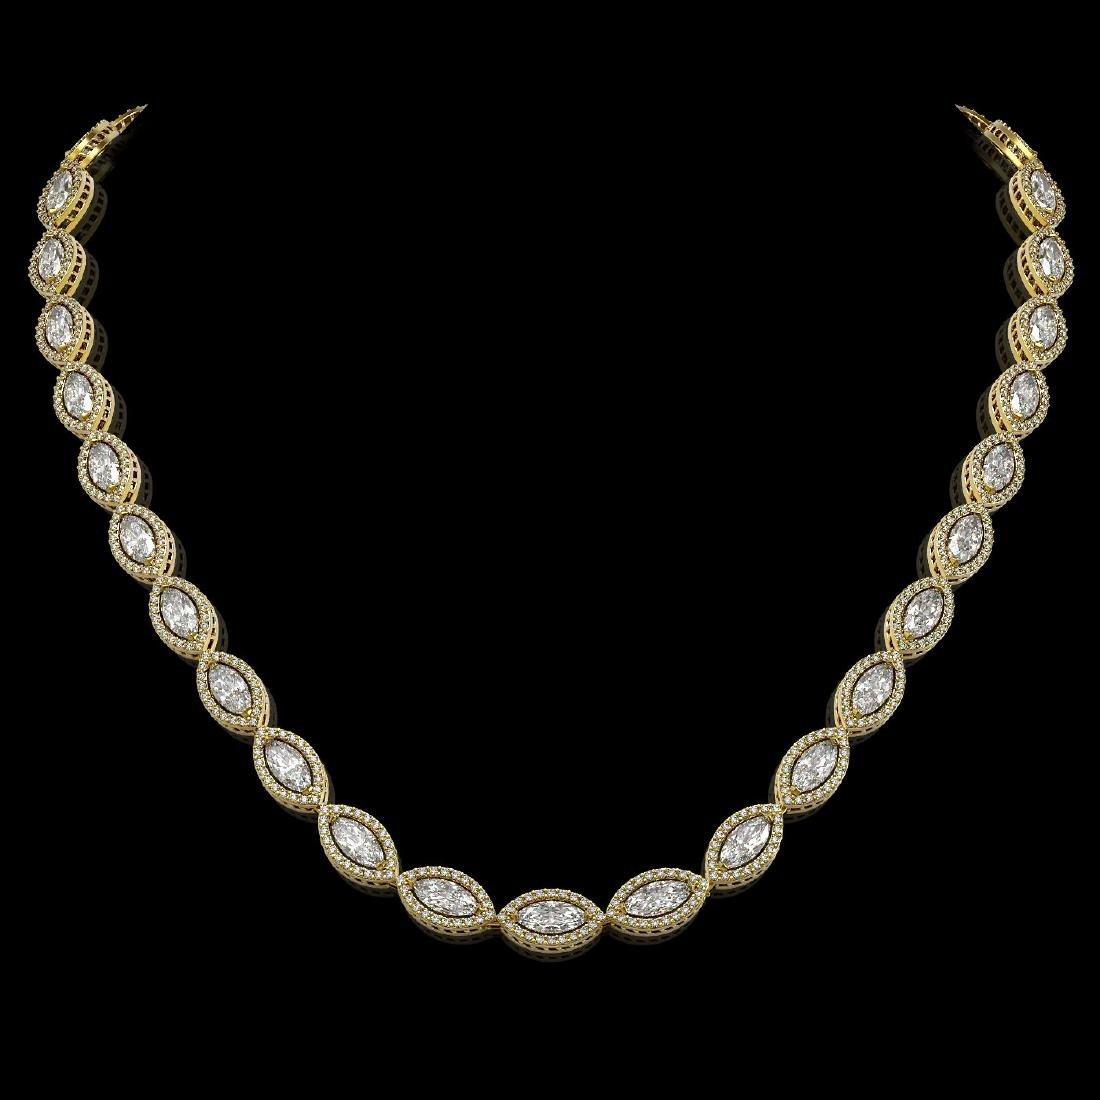 24.42 CTW Marquise Diamond Designer Necklace 18K Yellow